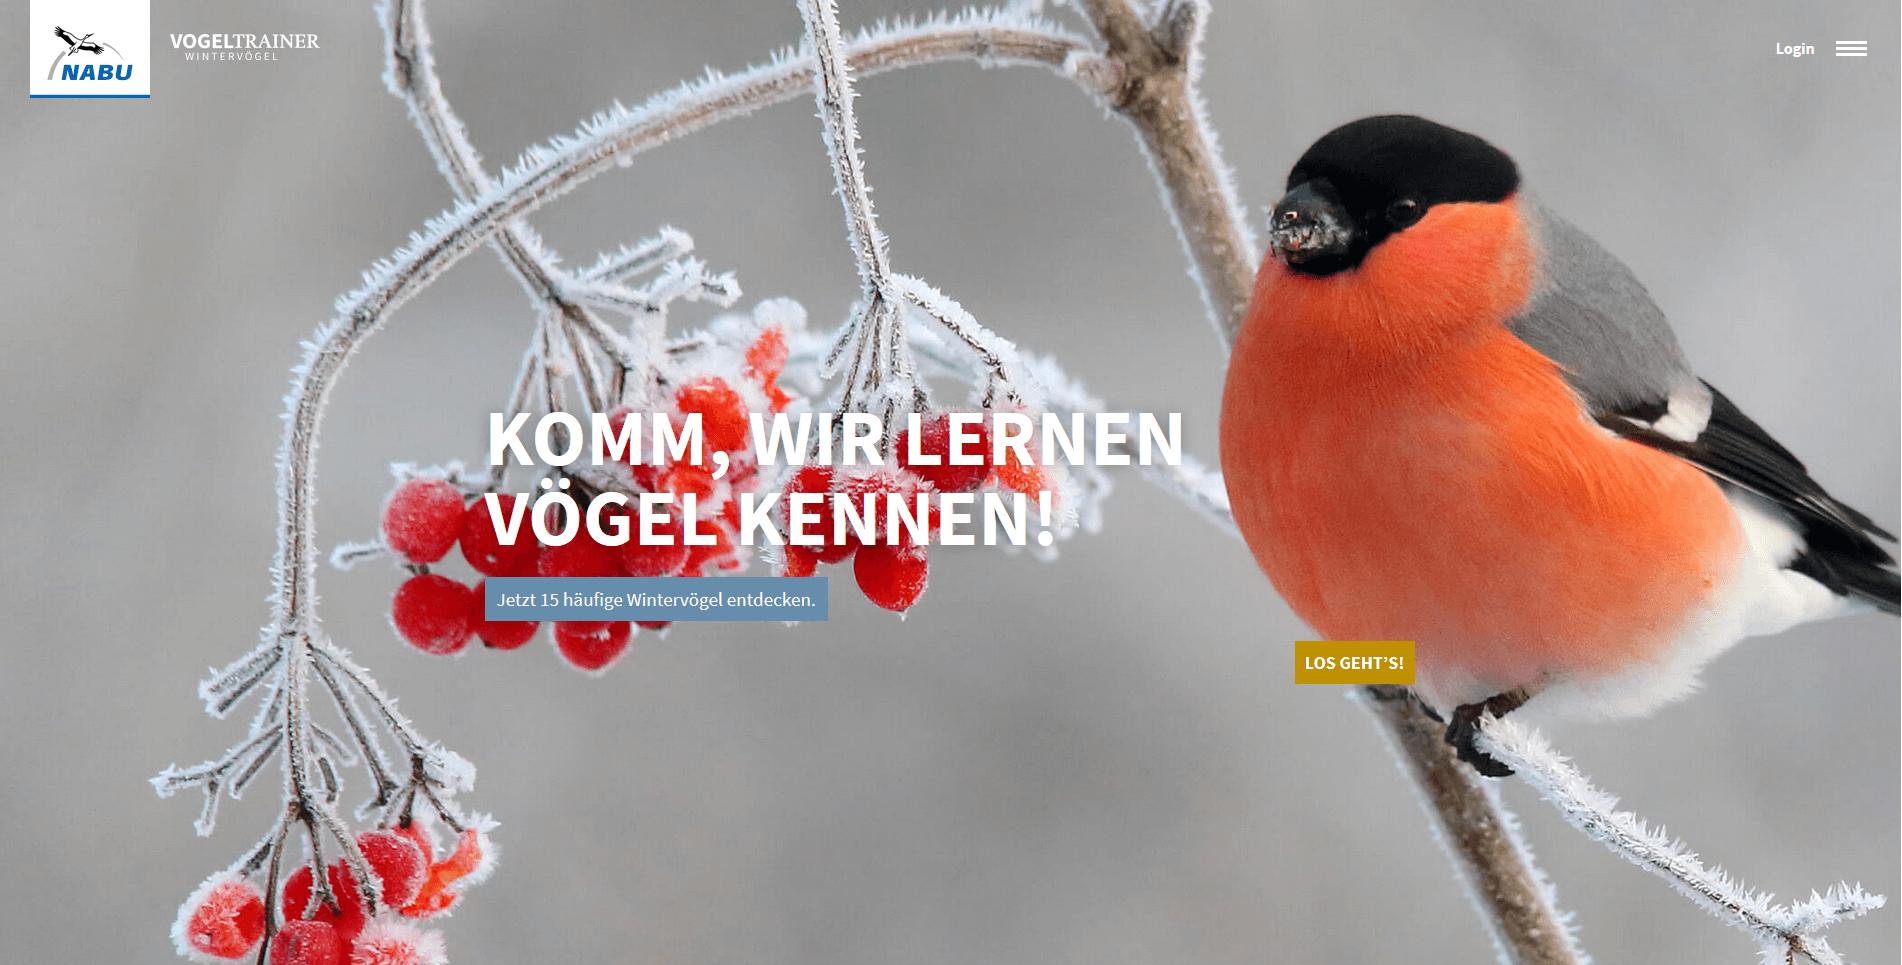 Vogeltrainer Wintervögel